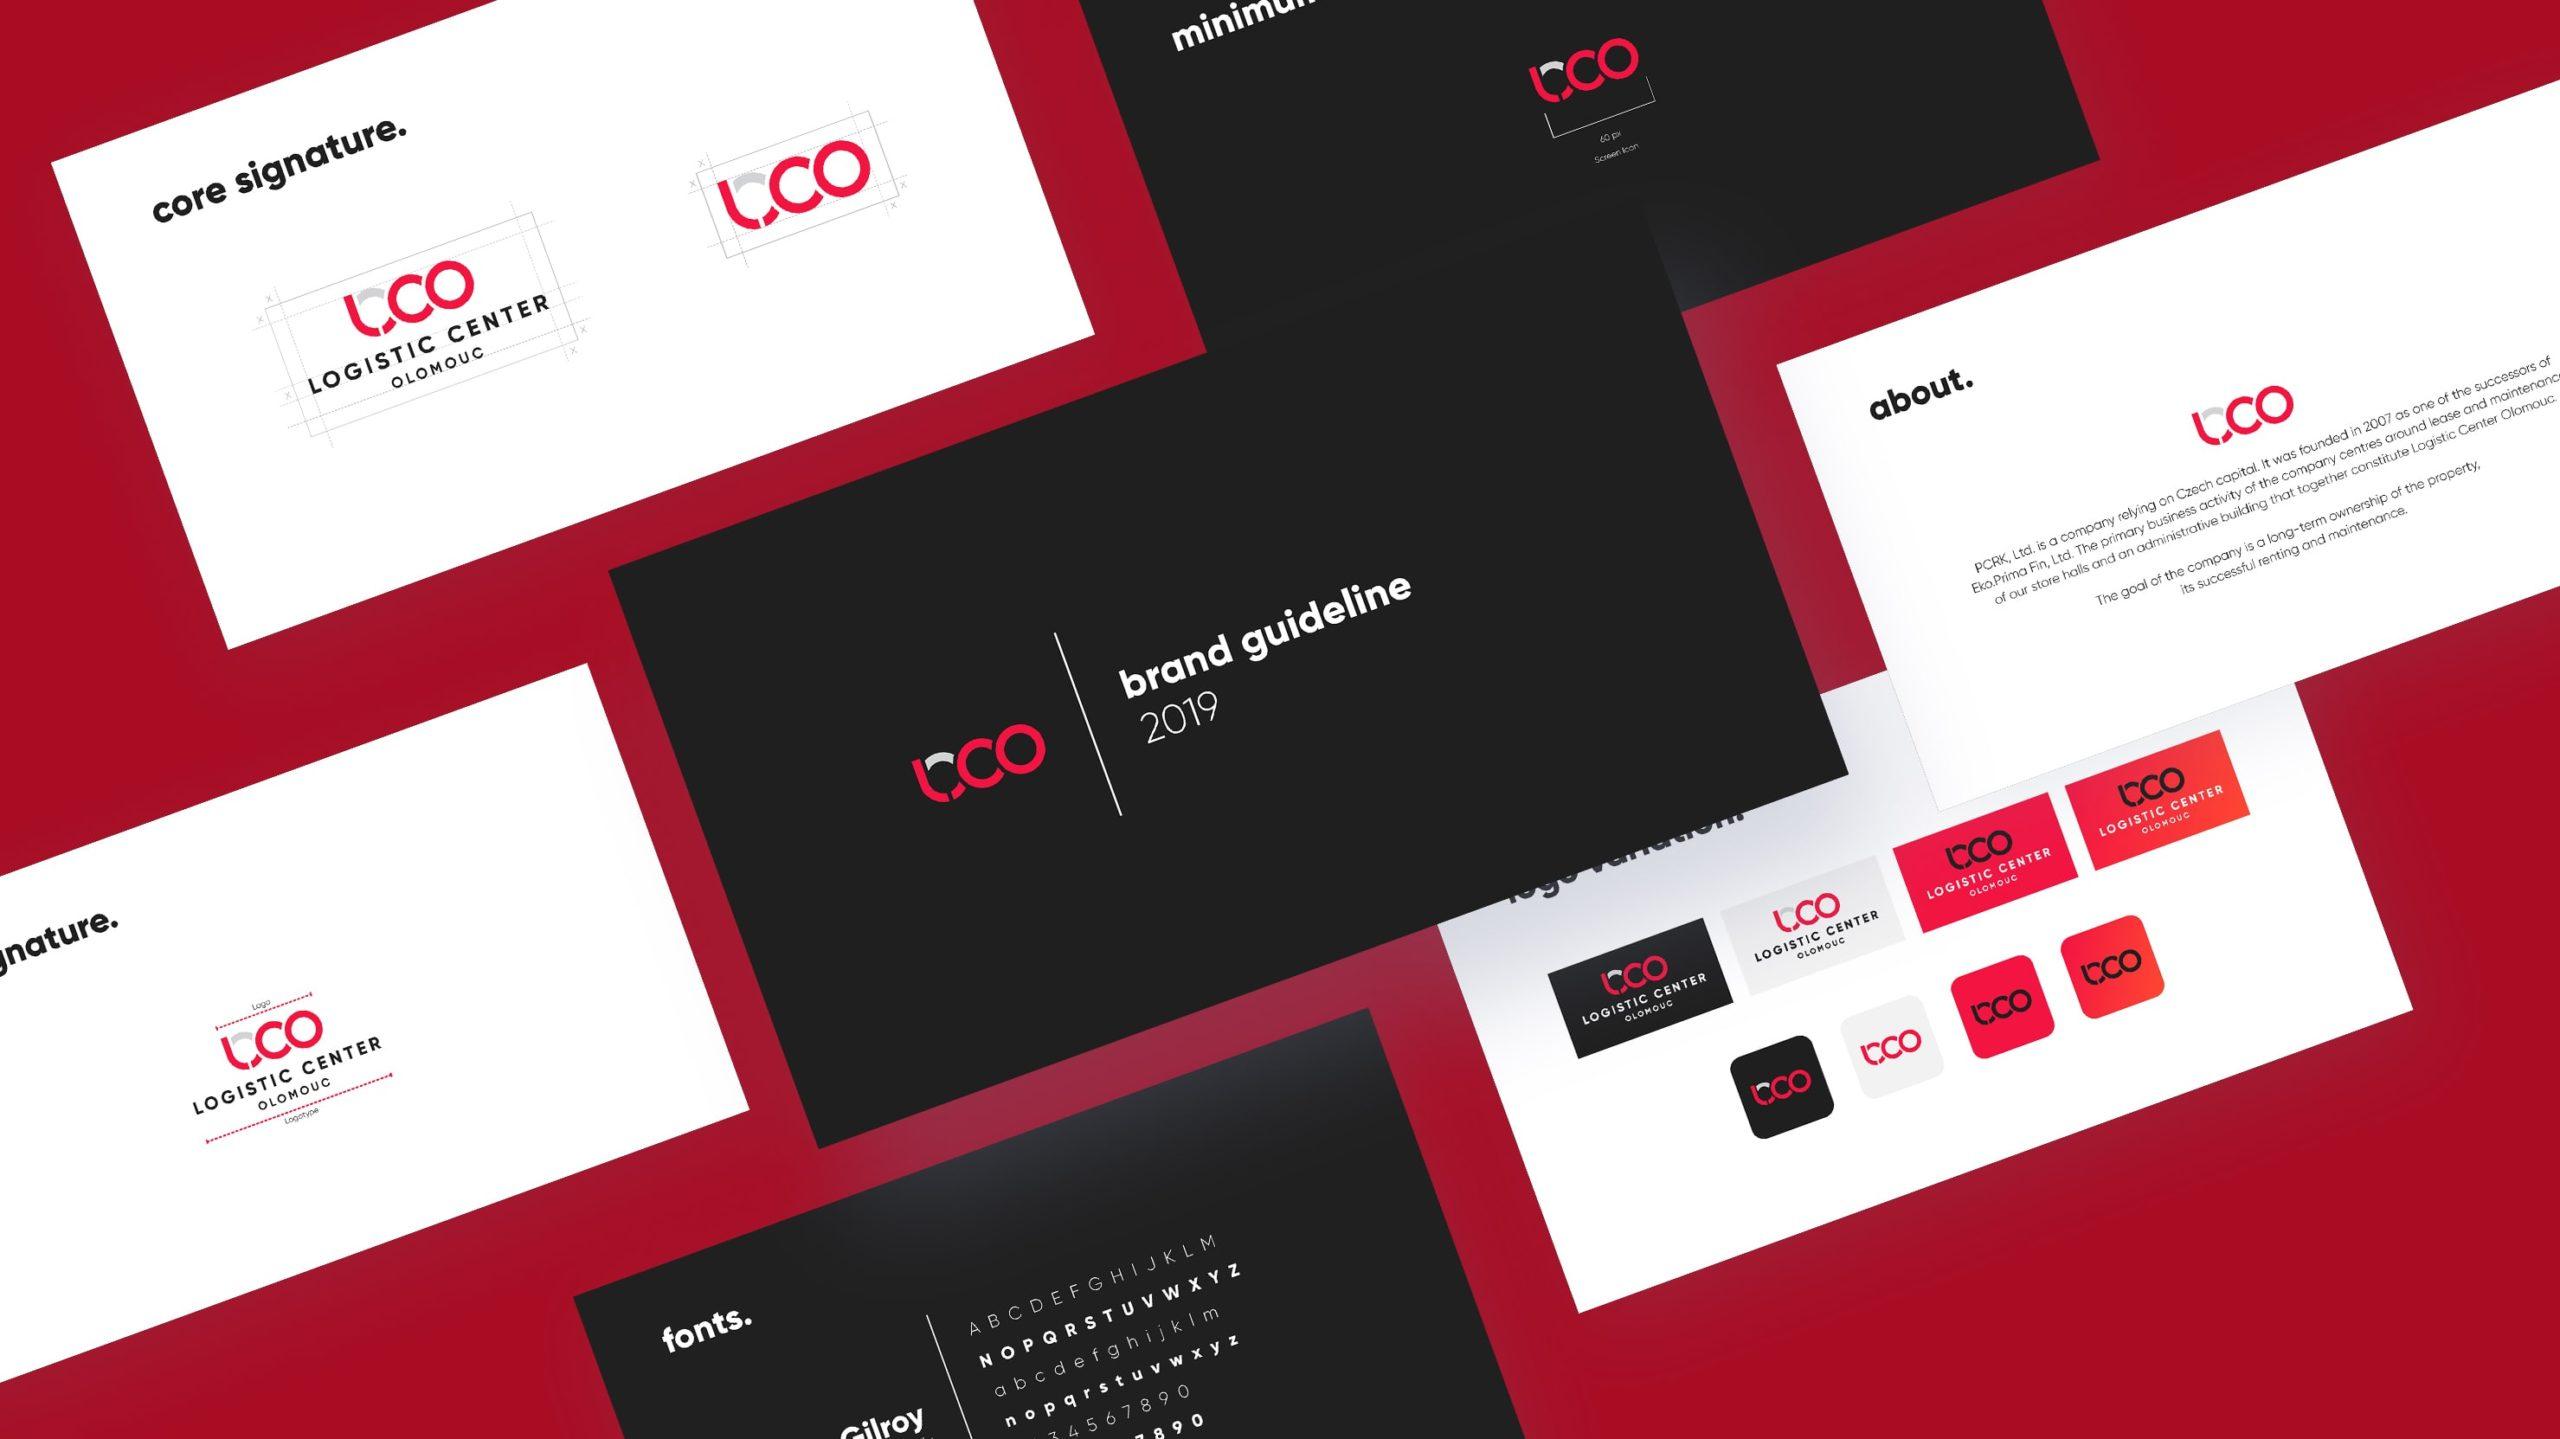 LOGstudio - Vytváříme kreativní grafické práce a webové stránky